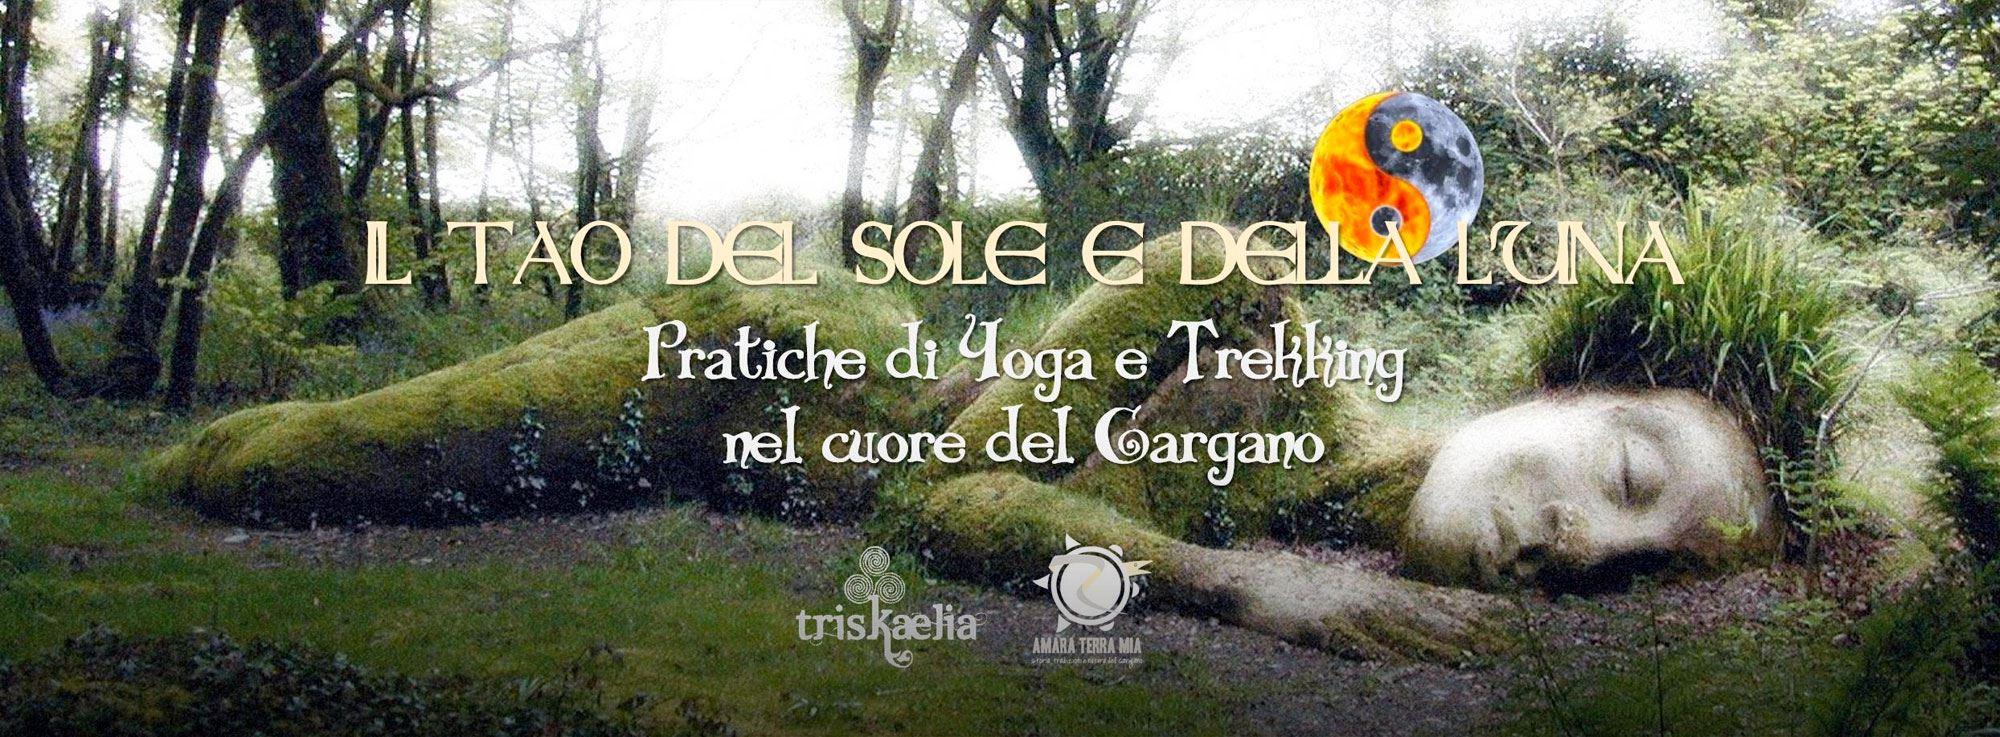 Monte Sant'Angelo: Il Tao del Sole e della Luna - trekking e yoga